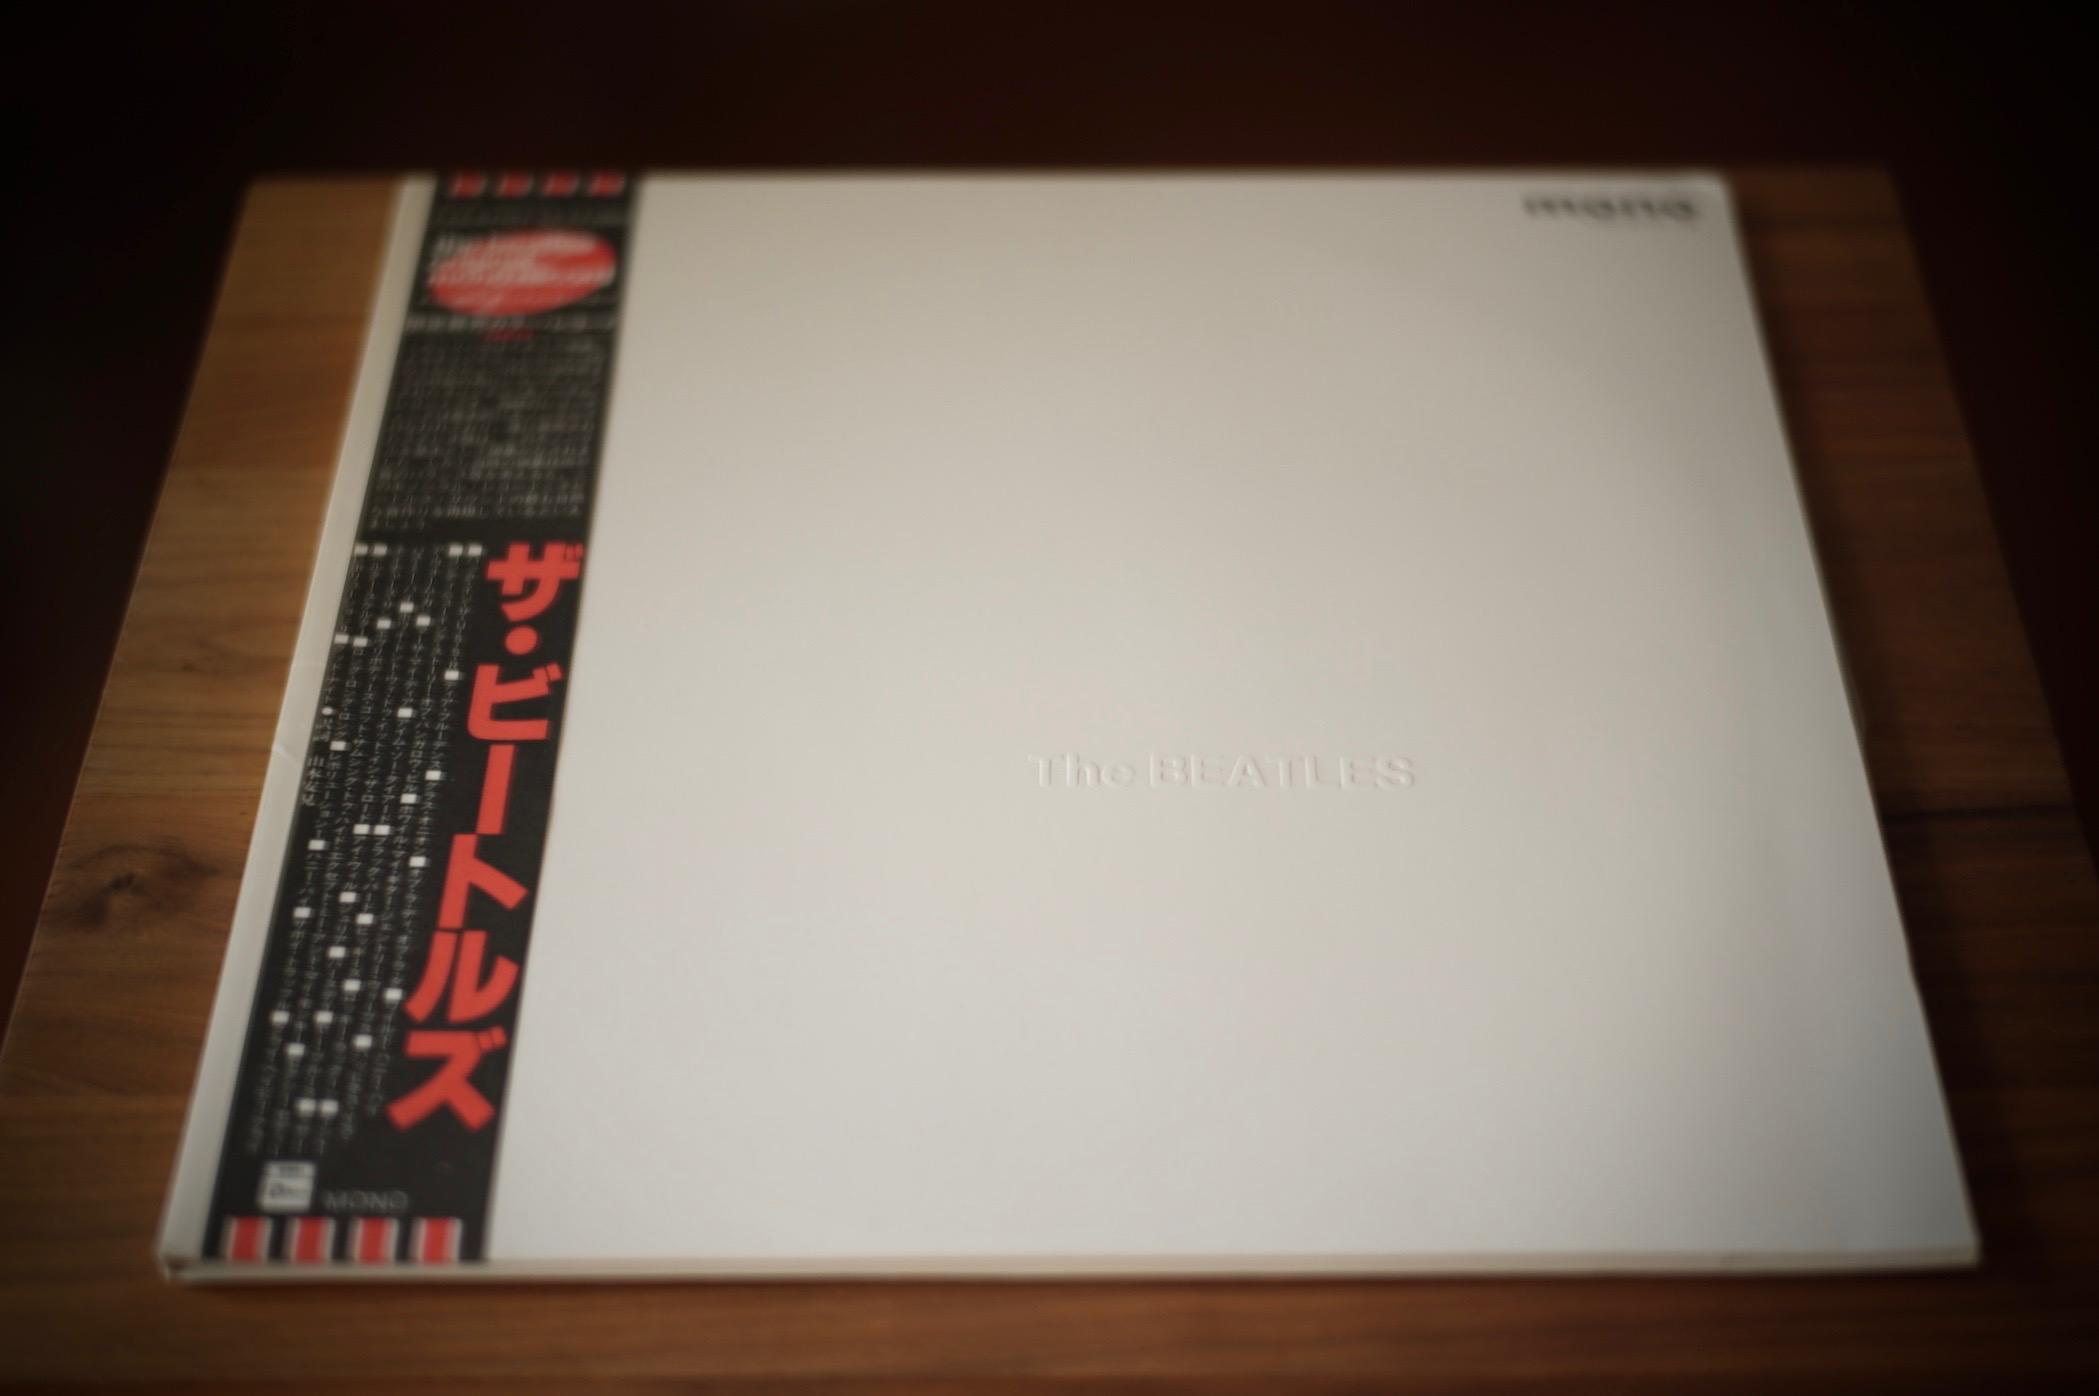 我がホワイトアルバムに通しナンバーは無い_f0057849_17304422.jpg